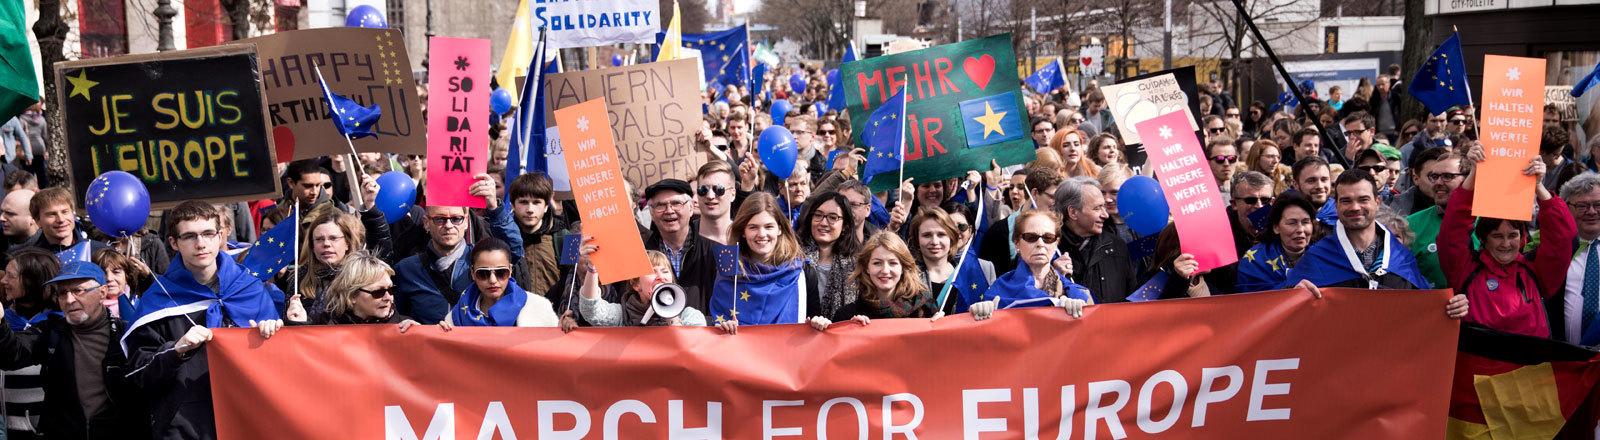 """Beim Protestmarsch """"March for Europe"""" laufen Demonstranten durch die Straßen und tragen ein Banner mit der Aufschrift """"March for Europe, Berlin 2017"""""""